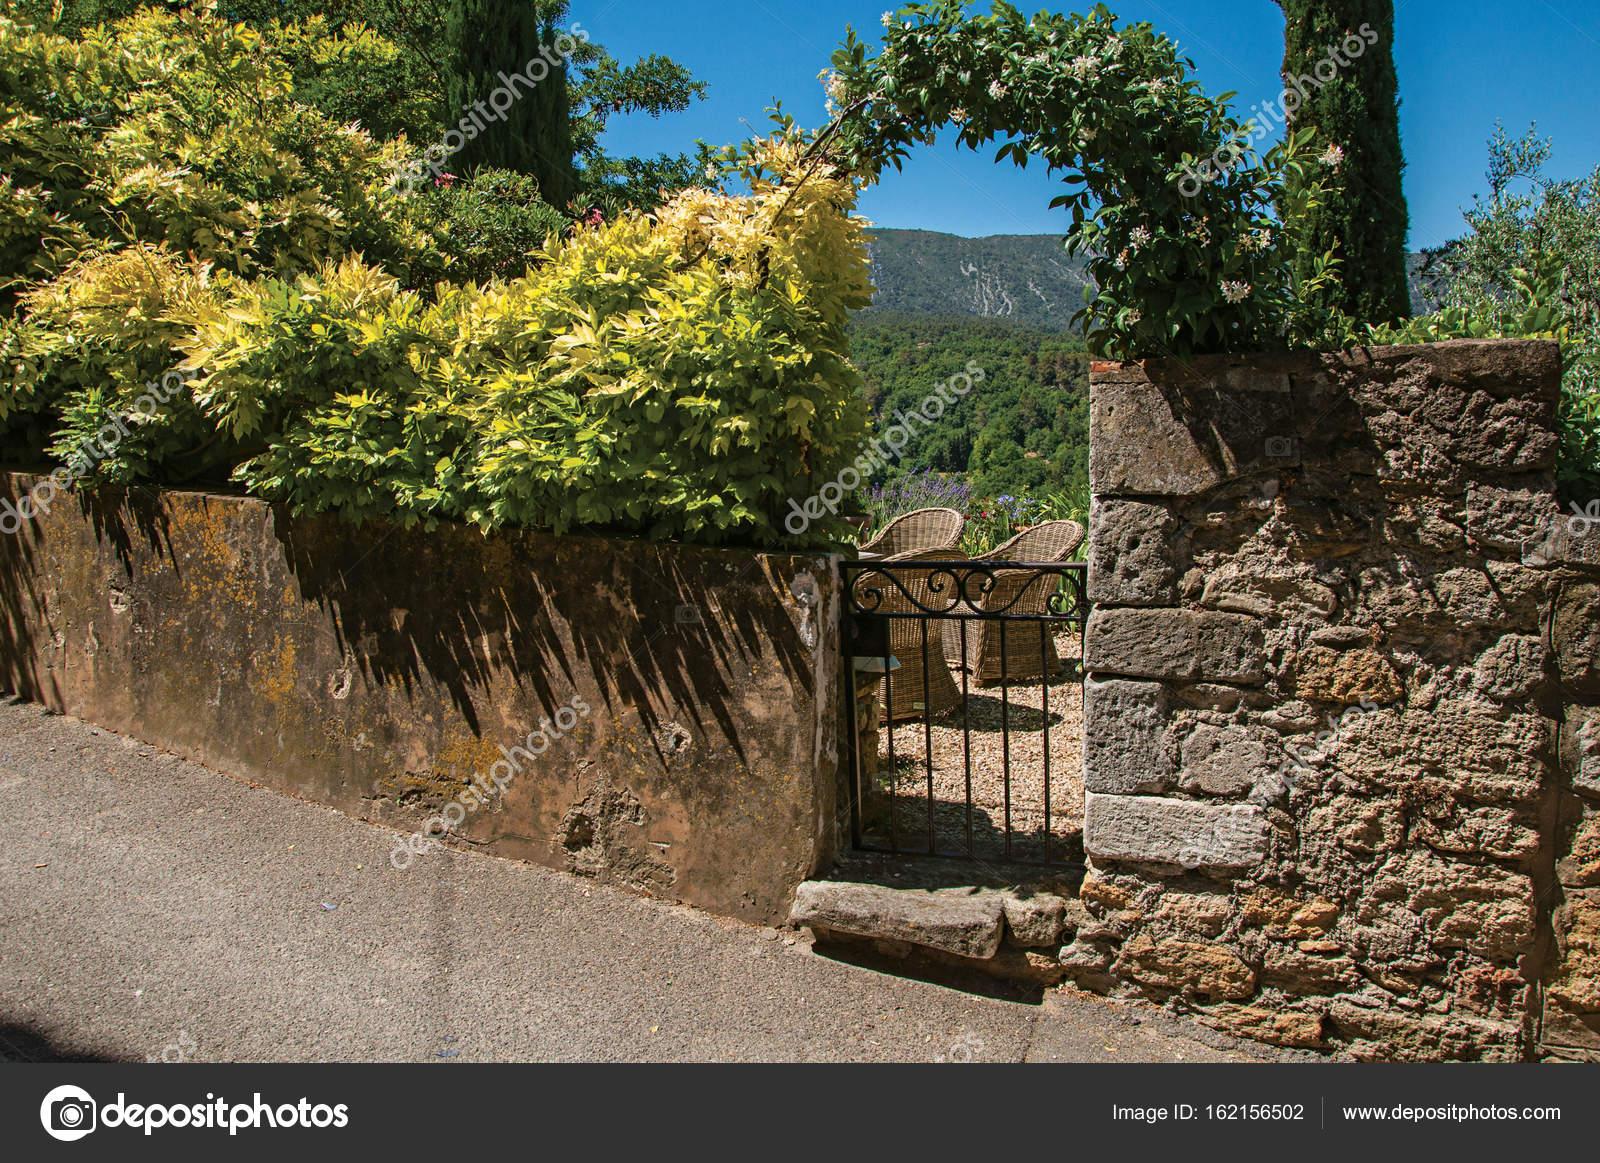 Stenen Muur Tuin : Uitzicht op kleine tuin achter ijzeren poort en stenen muur in het